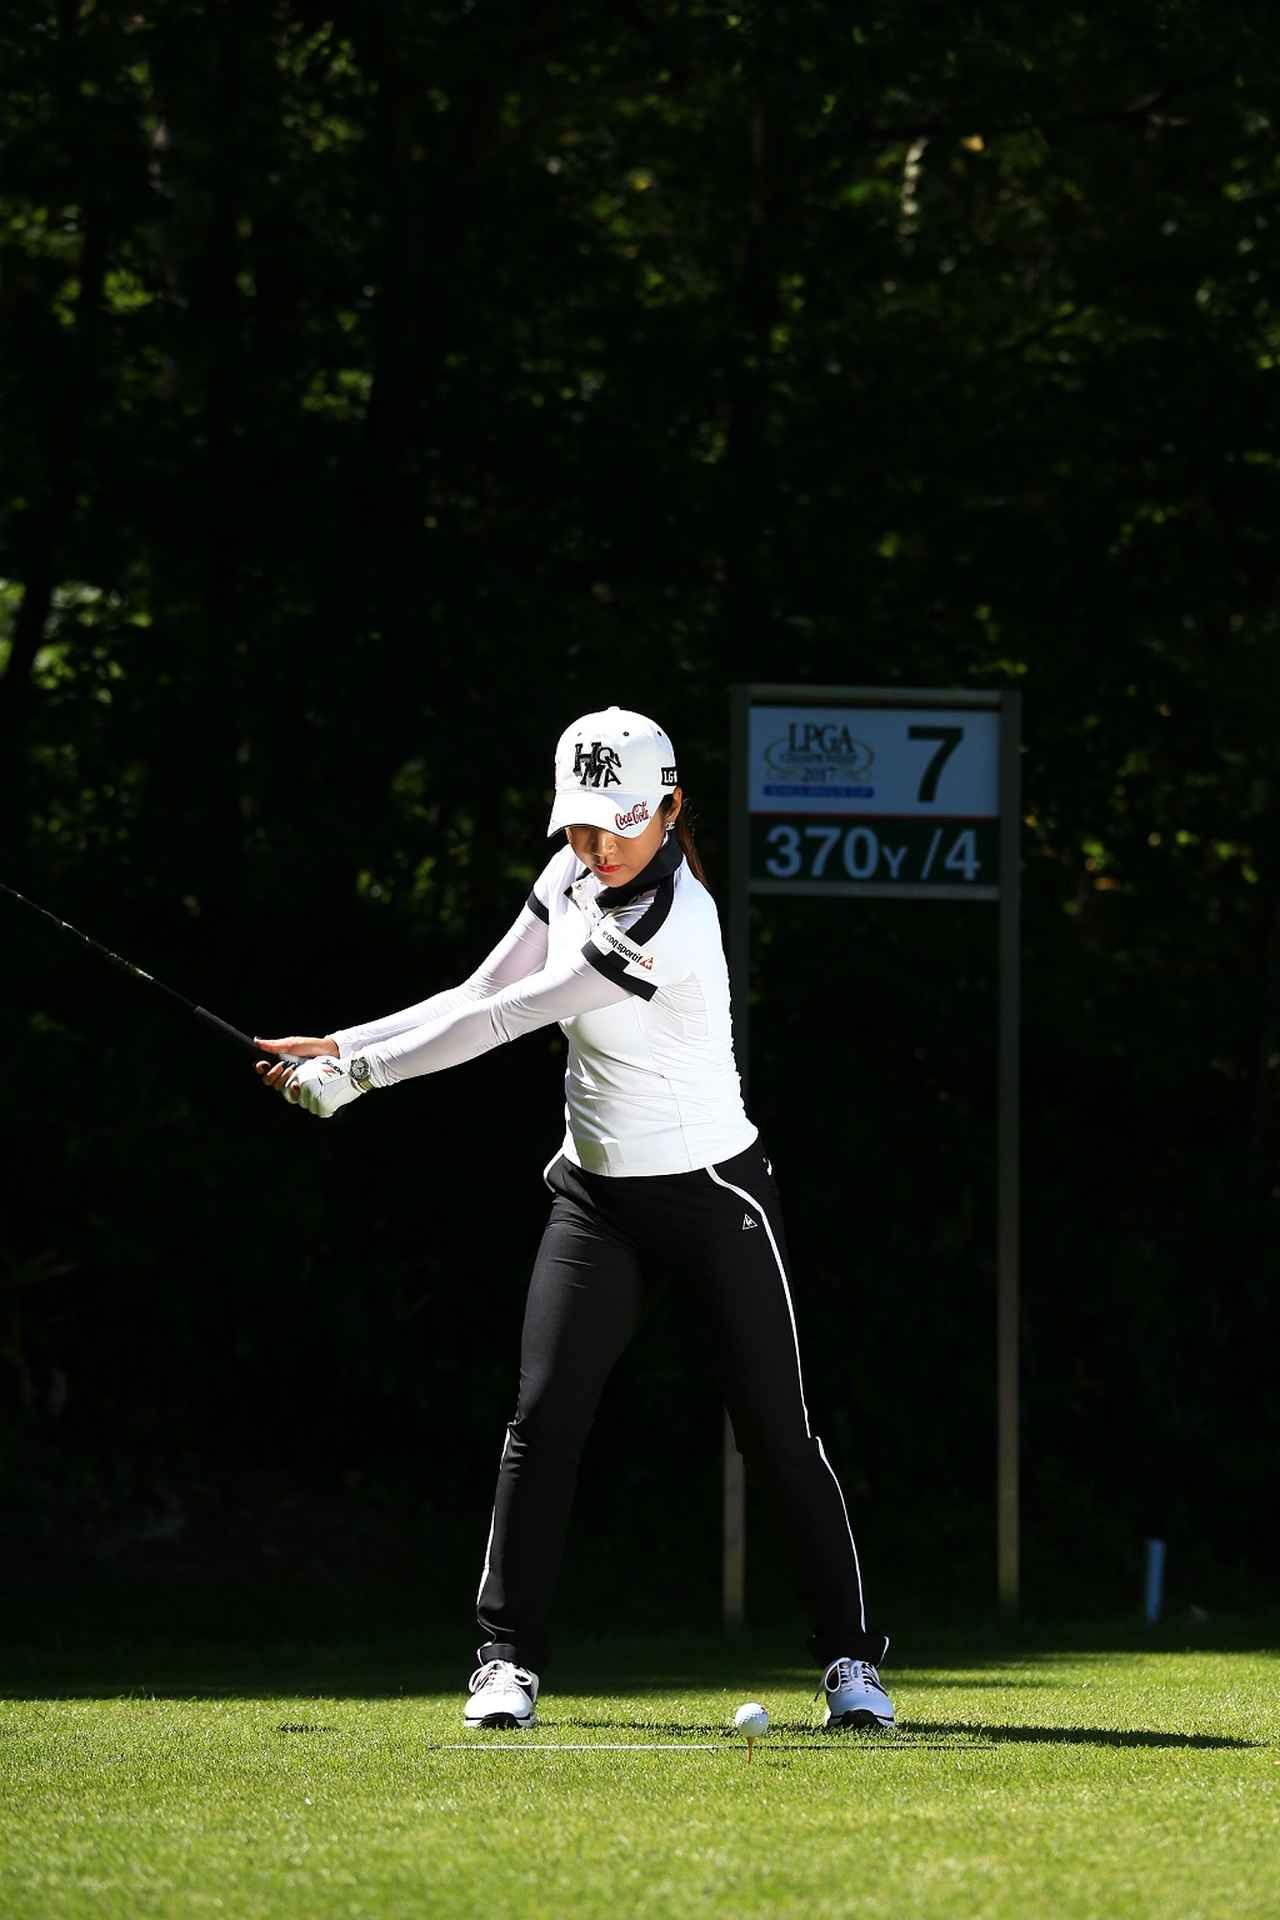 画像: 右ひざの向きを変えずに上半身を回転